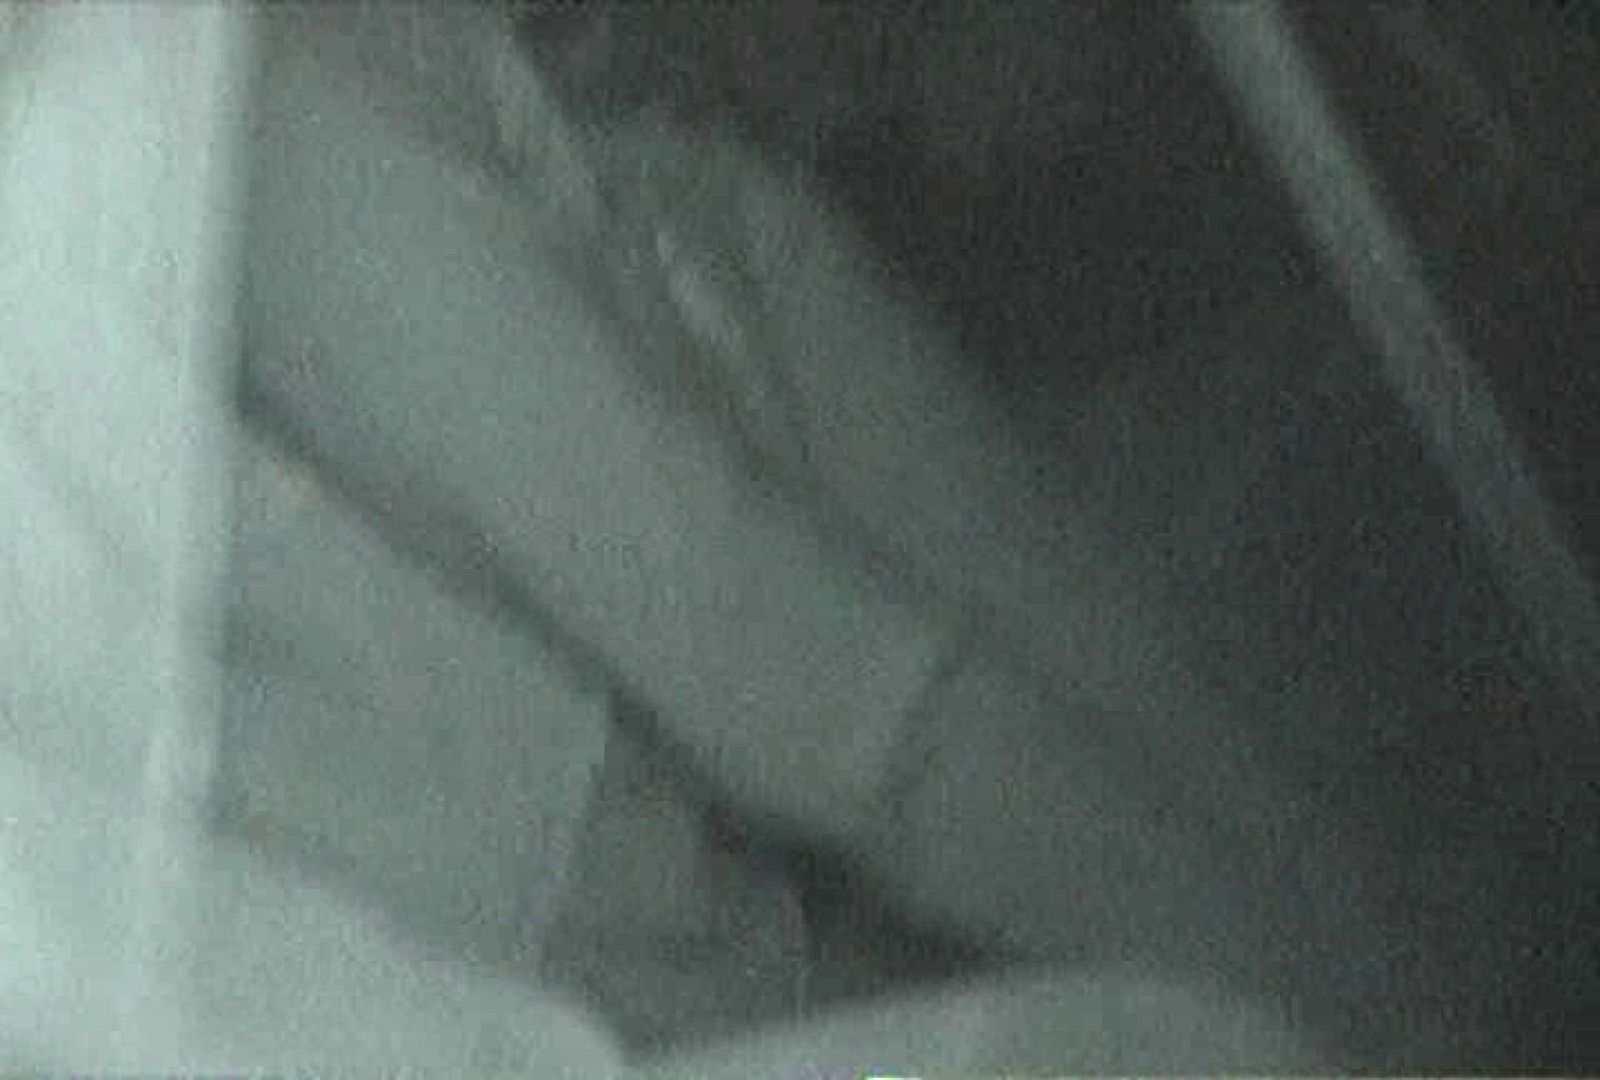 充血監督の深夜の運動会Vol.90 淫乱 すけべAV動画紹介 107画像 79